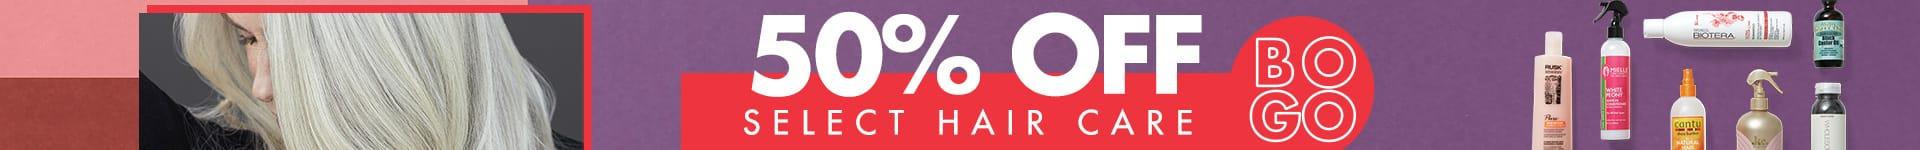 Sally Beauty : Hair Color, Hair Care, Beauty, Nail, & Salon